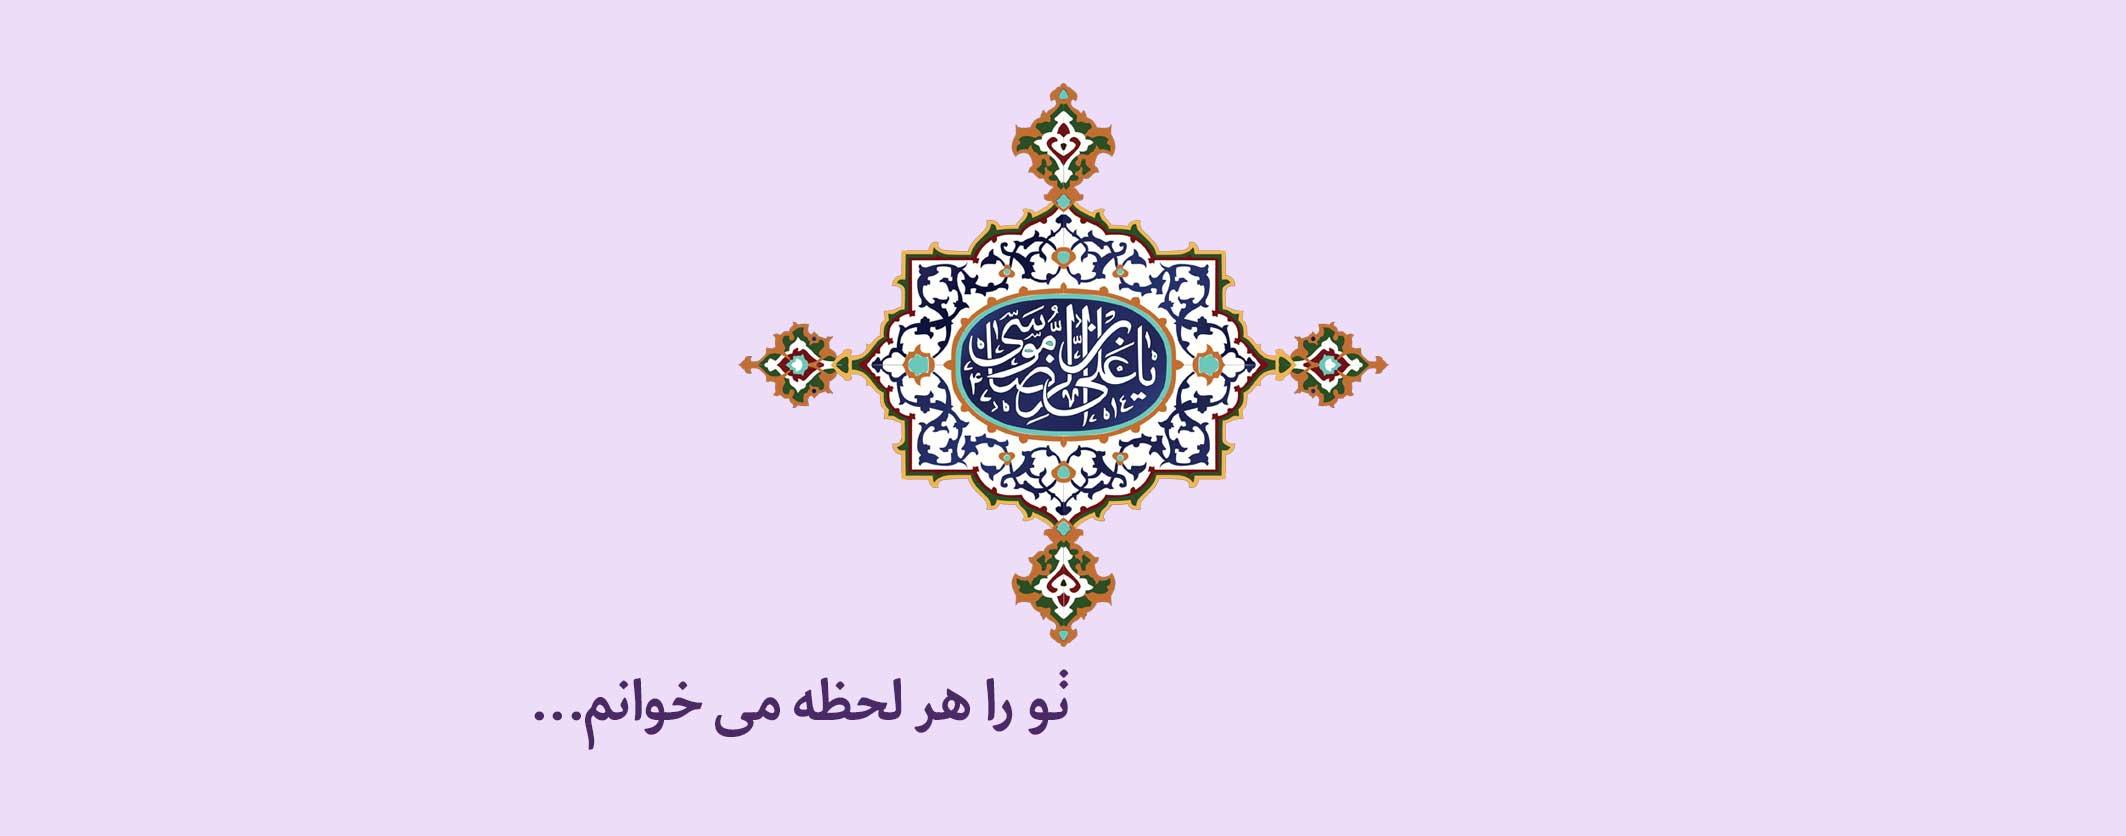 -تولد-امام-رضا-شهرداری-مشهد